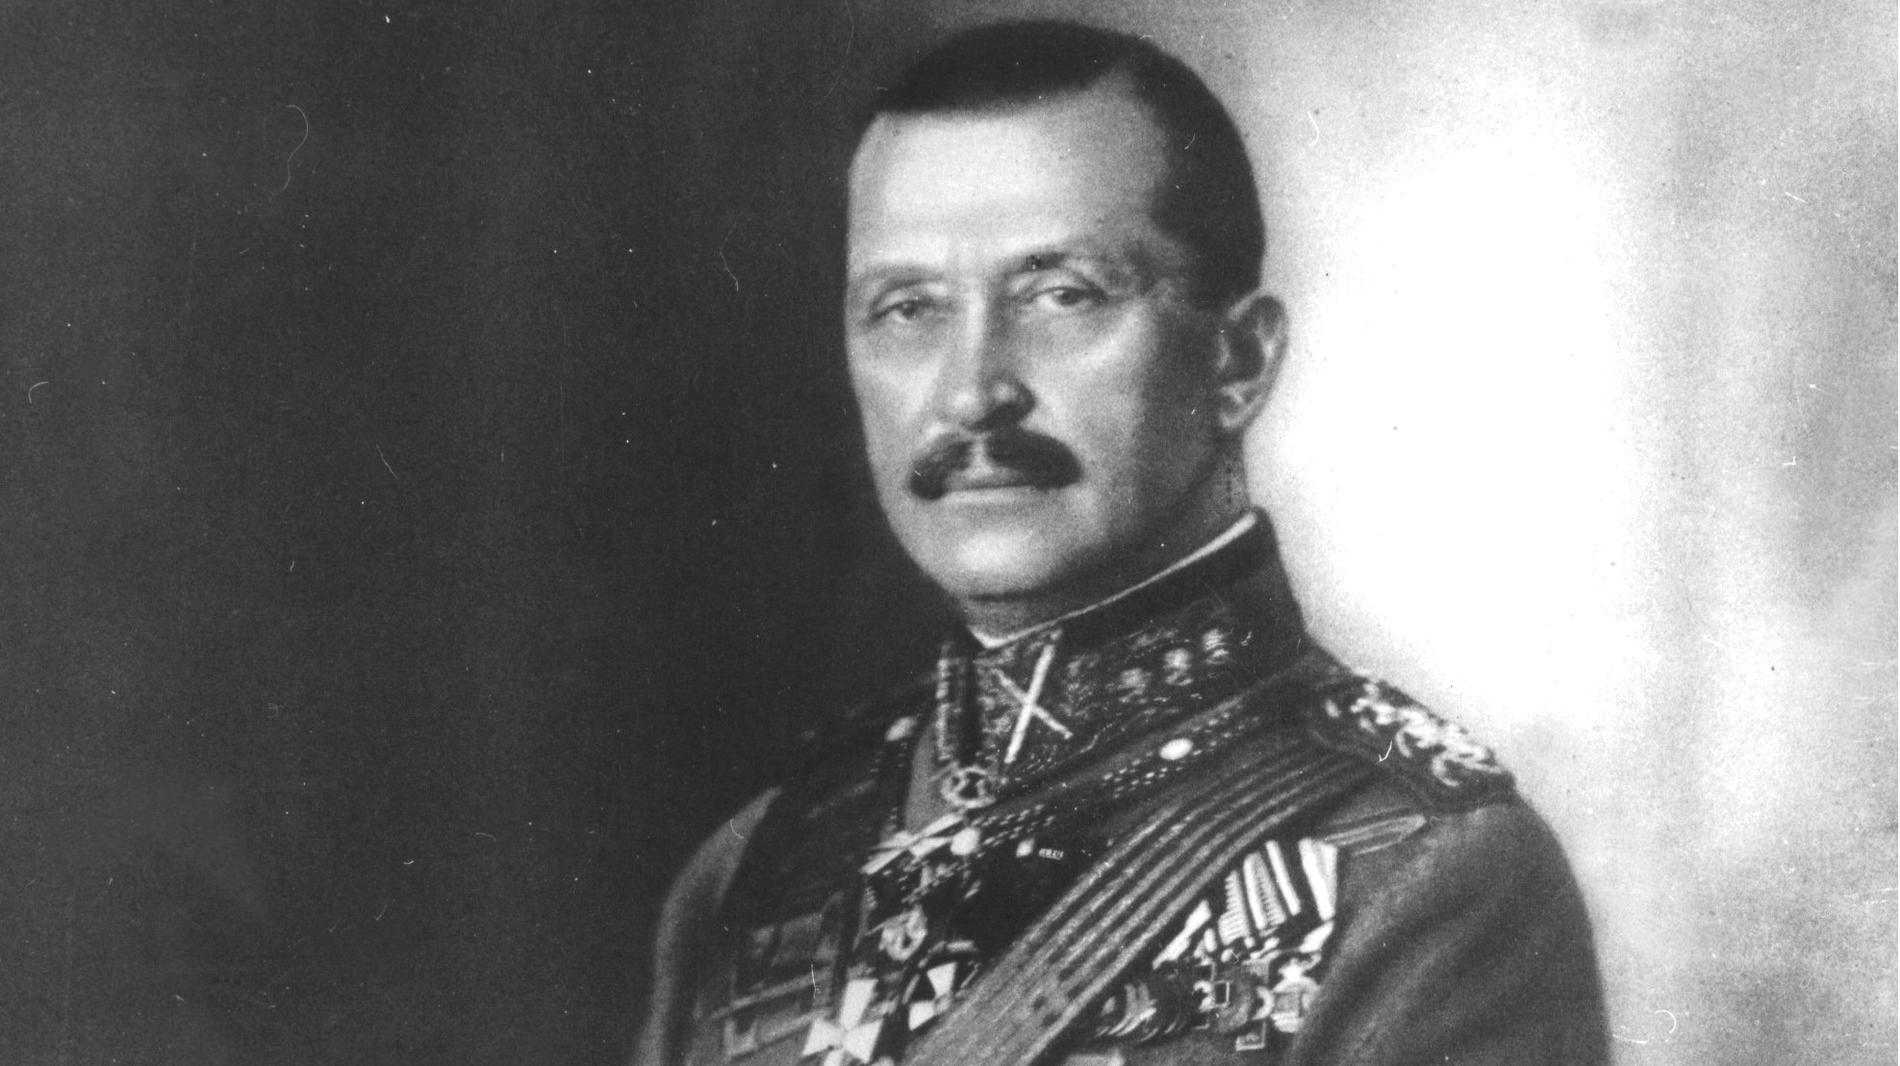 Gustaf Mannerheim (1867–1951) är den ende som haft titeln marskalk (marsk) av Finland. Mannerheim ledde Finland genom andra världskriget och hade stor betydelse när Finland blev självständigt 1917.